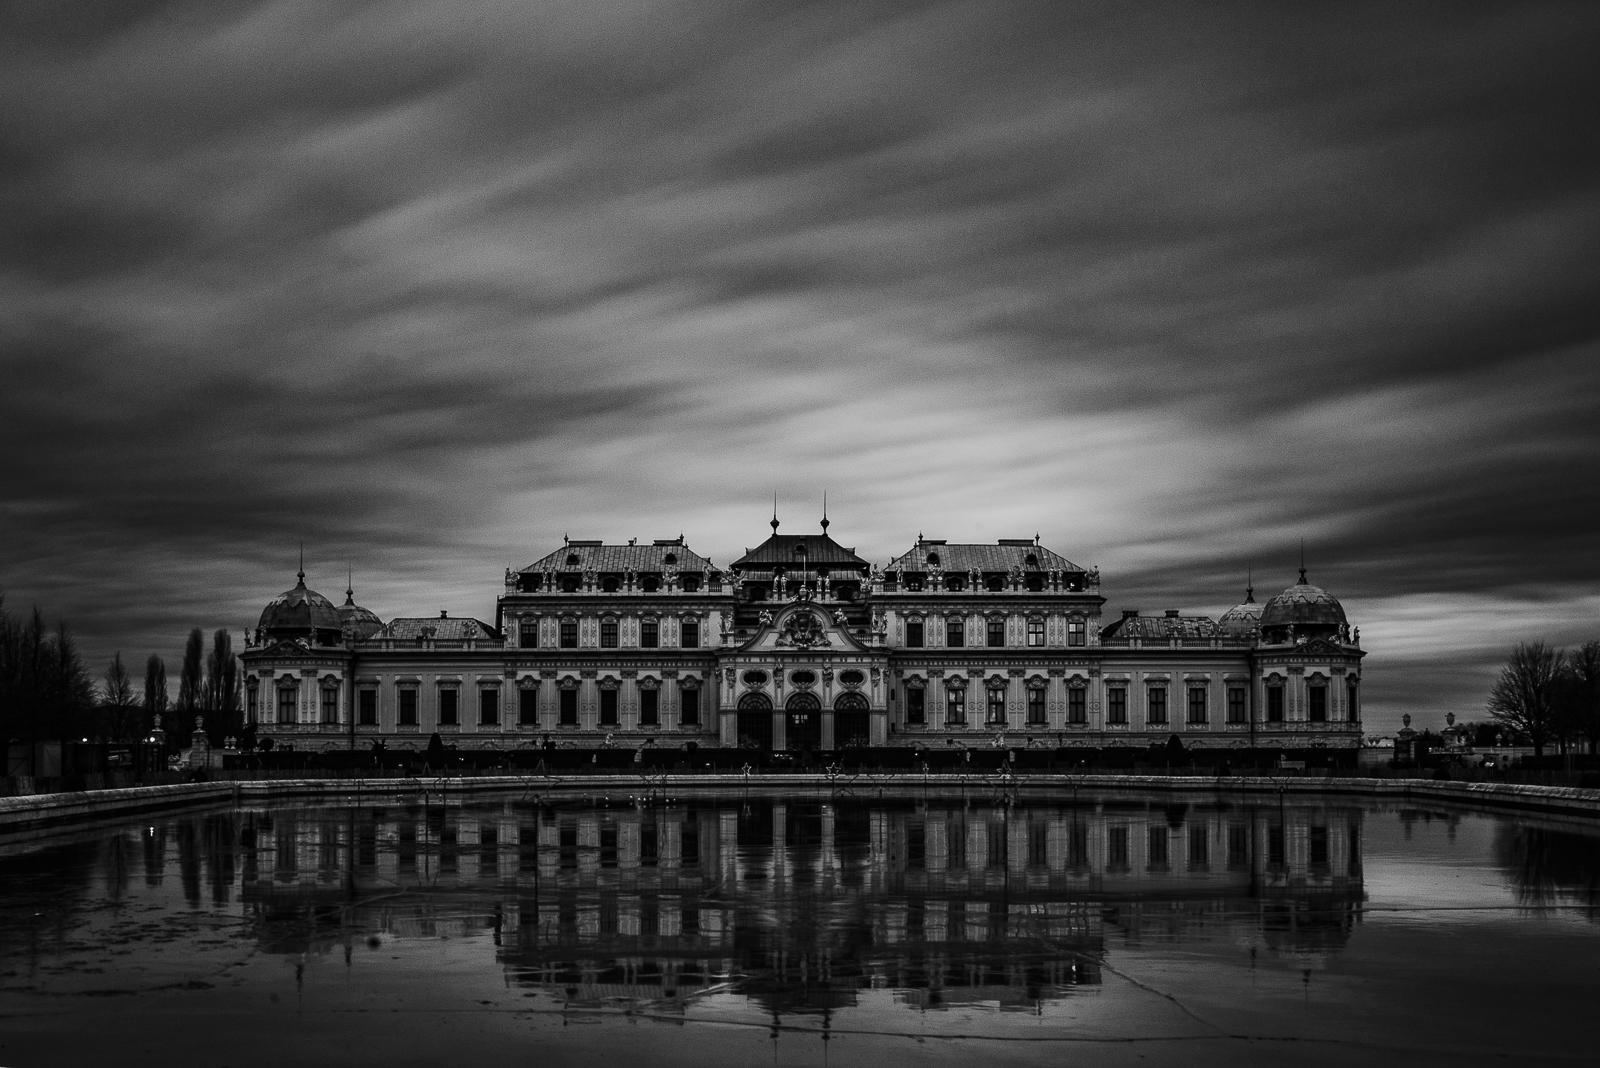 Schloss Belvedere - Vienna, Austria